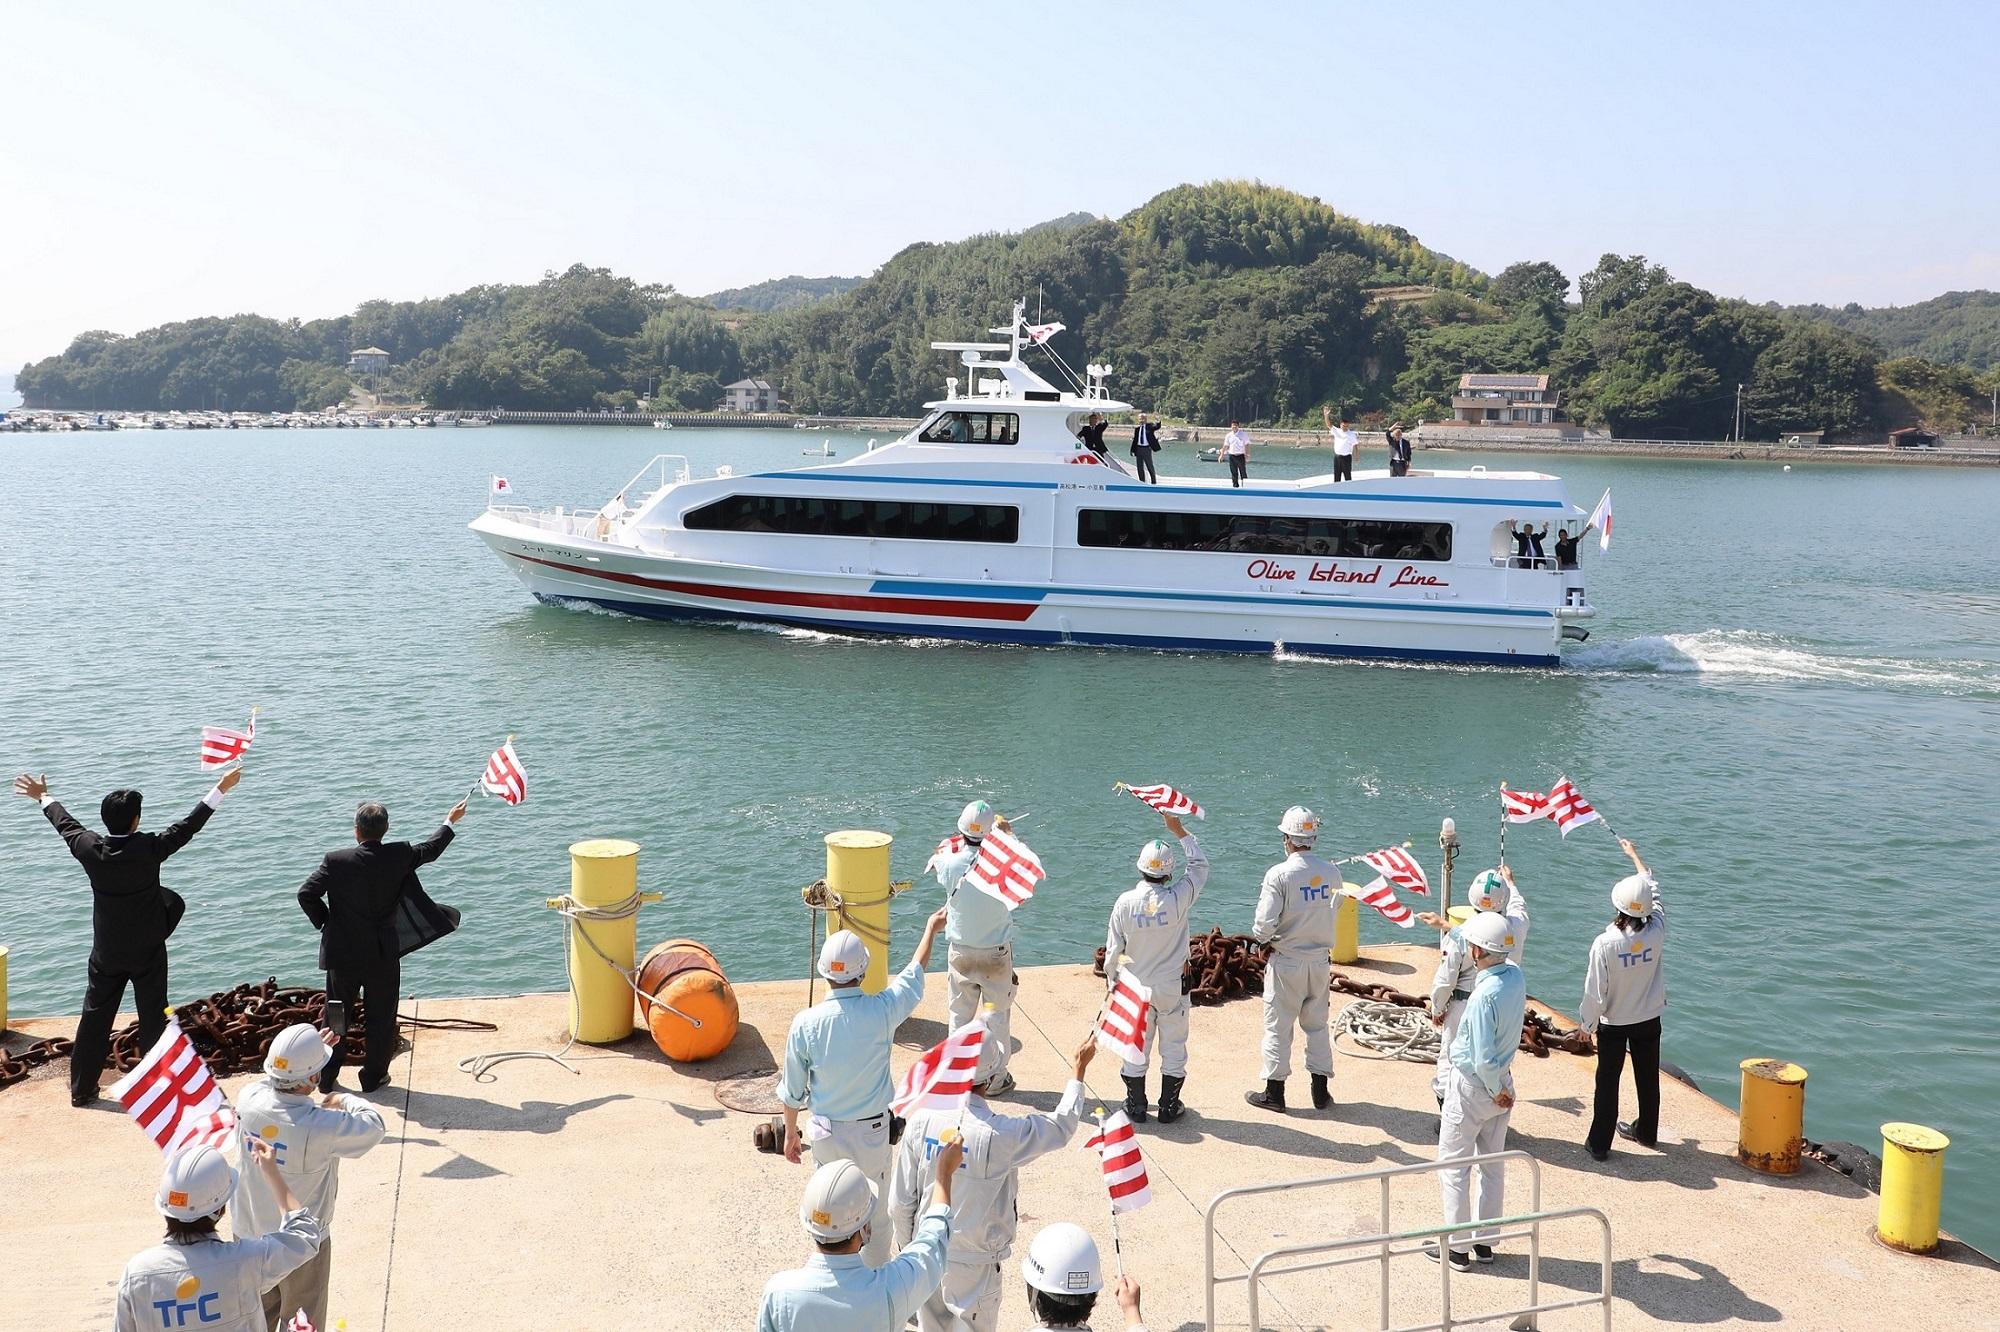 ツネイシクラフト&ファシリティーズ、高松港~小豆島(土庄)港を結ぶ高速船「スーパーマリン」を竣工・引渡